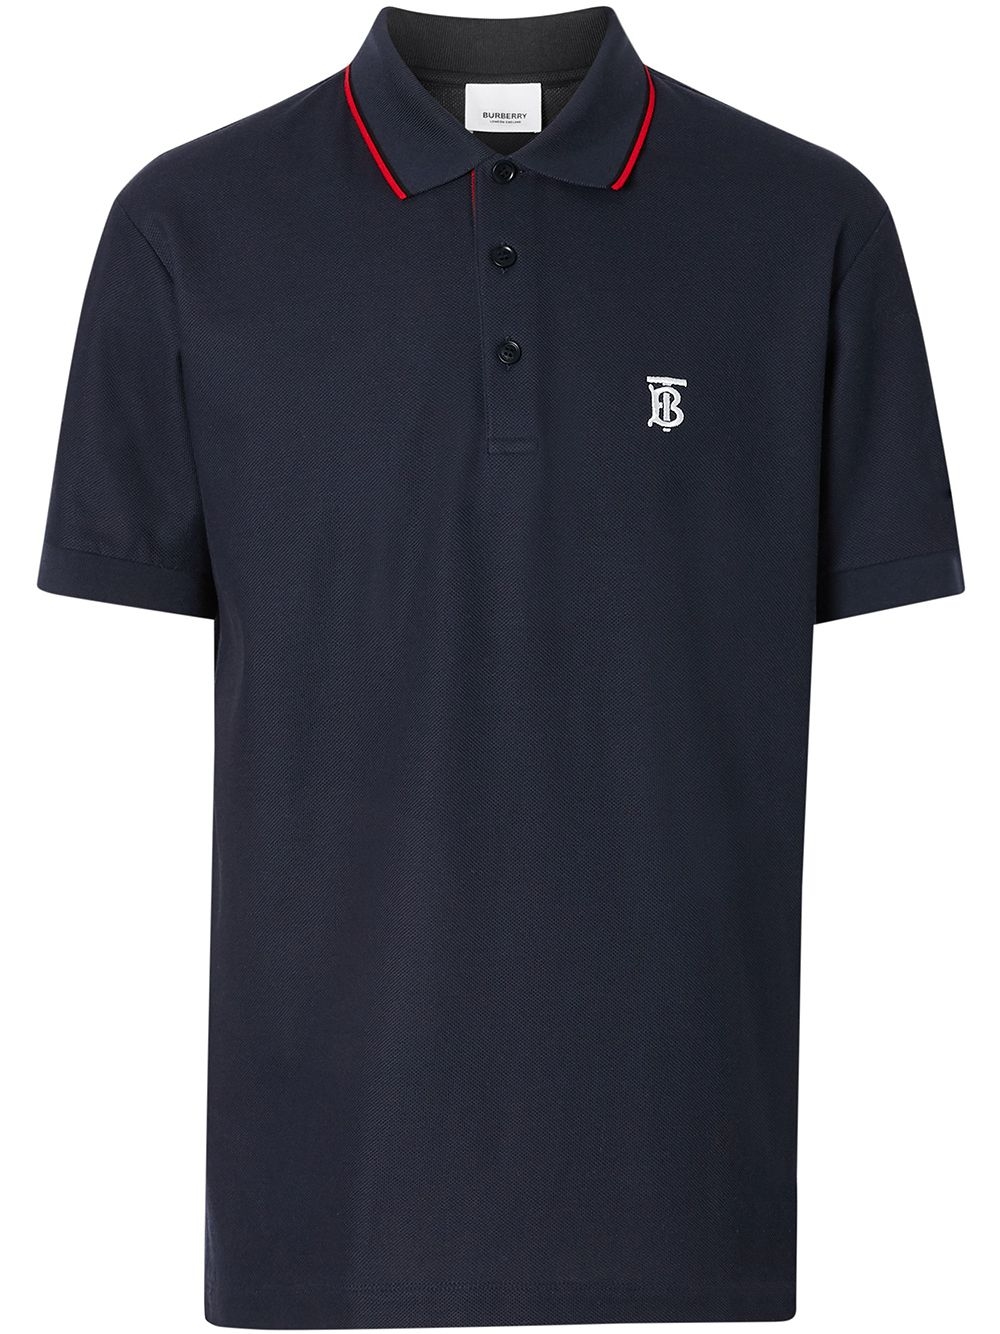 Burberry Poloshirt mit Streifendetails - Blau